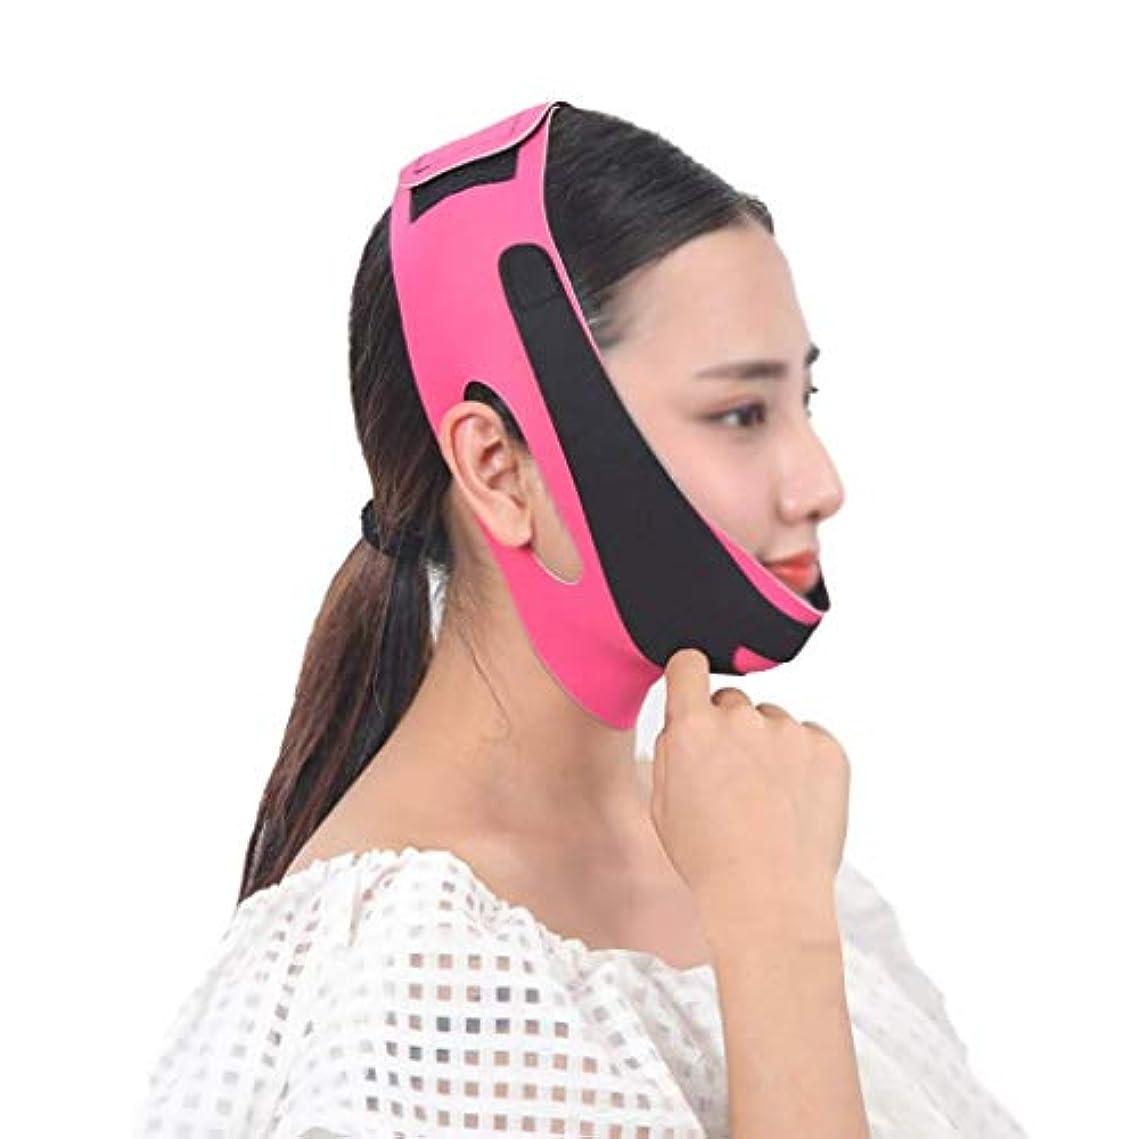 振る舞う意義サーキュレーション顔と首のリフト術後の弾性フェイスマスク小V顔アーティファクト薄い顔包帯アーティファクトV顔吊り耳リフティング引き締め薄い顔アーティファクト